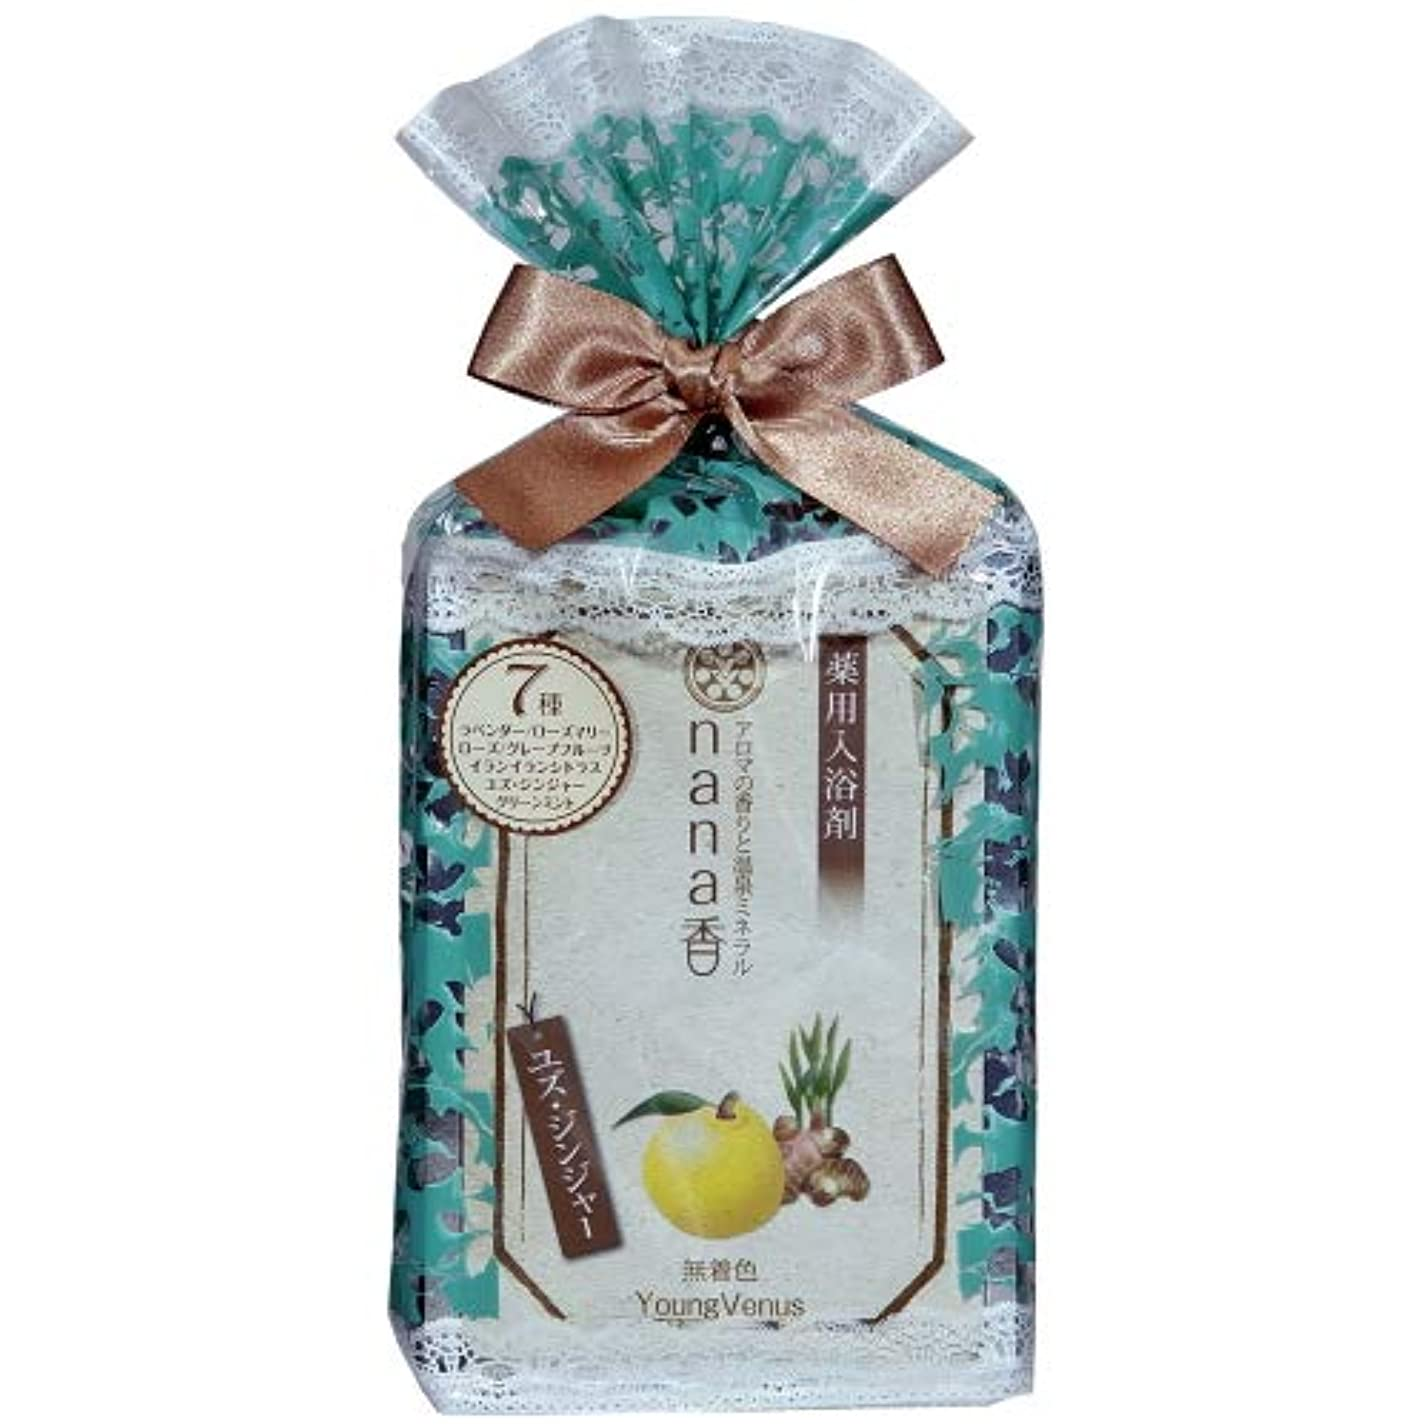 ショップ指紋引用薬用入浴剤 ヤングビーナス nana香シリーズ詰合せ 7袋入り 医薬部外品